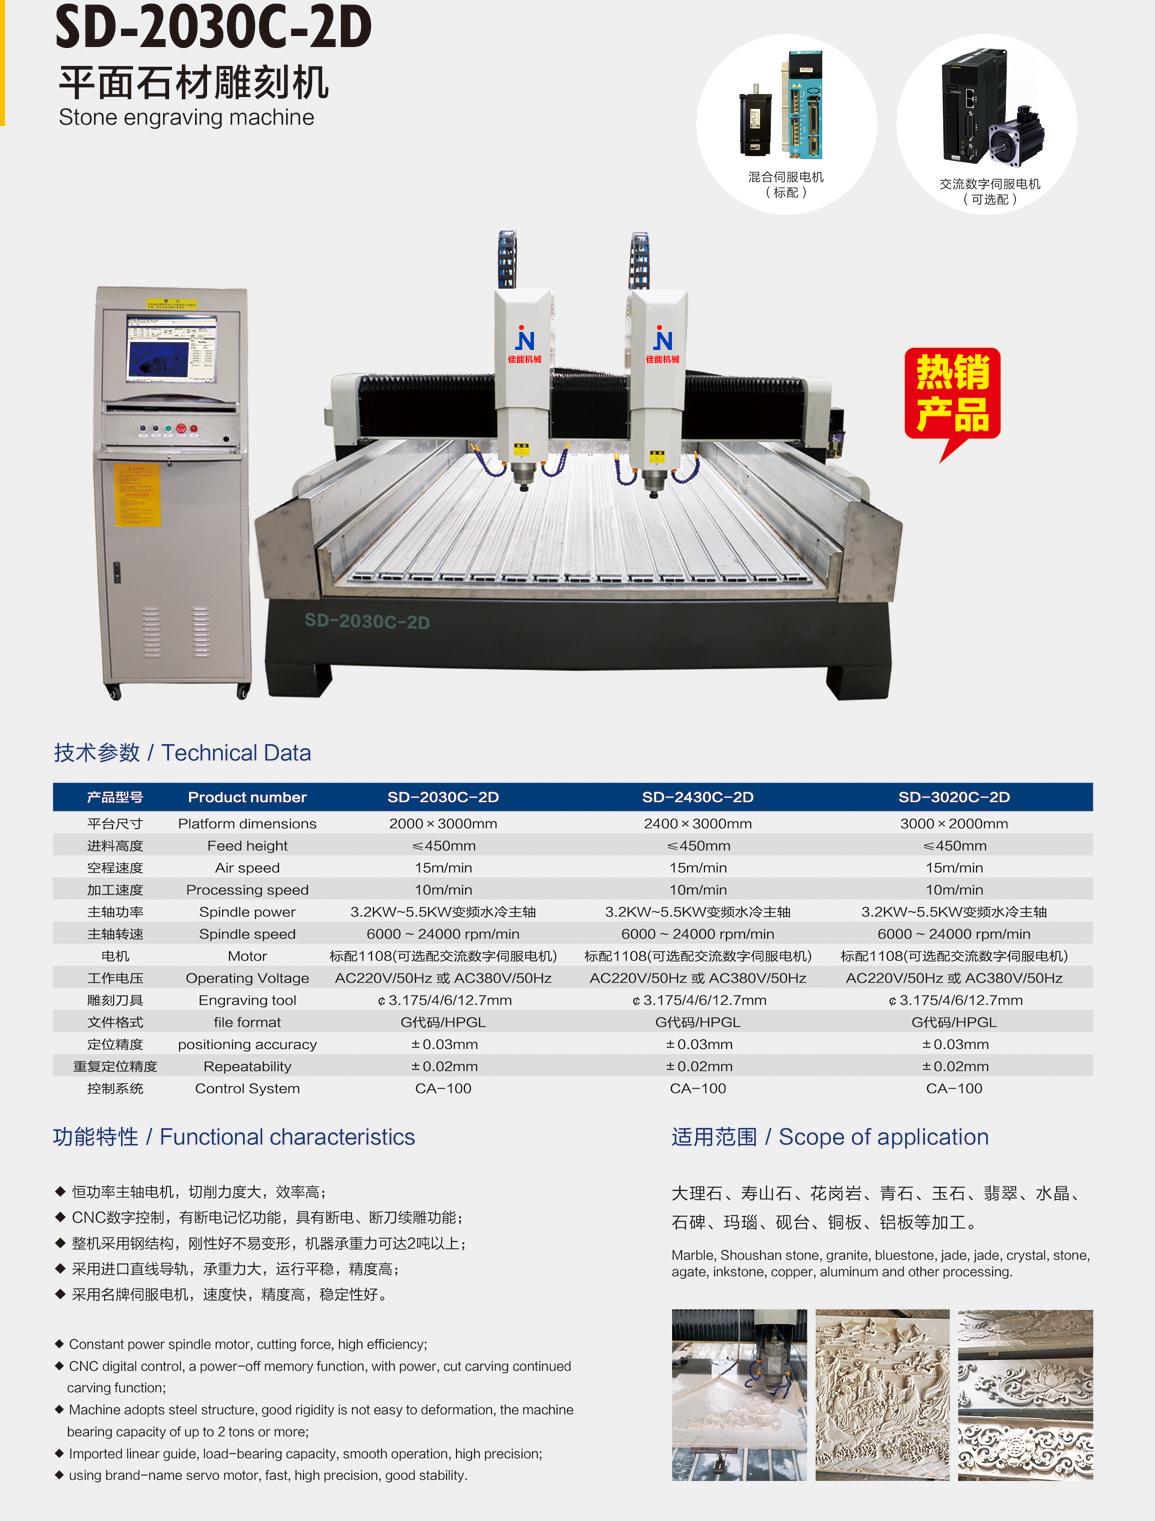 平面石材雕刻机 SD-2030C-2D 参数.jpg